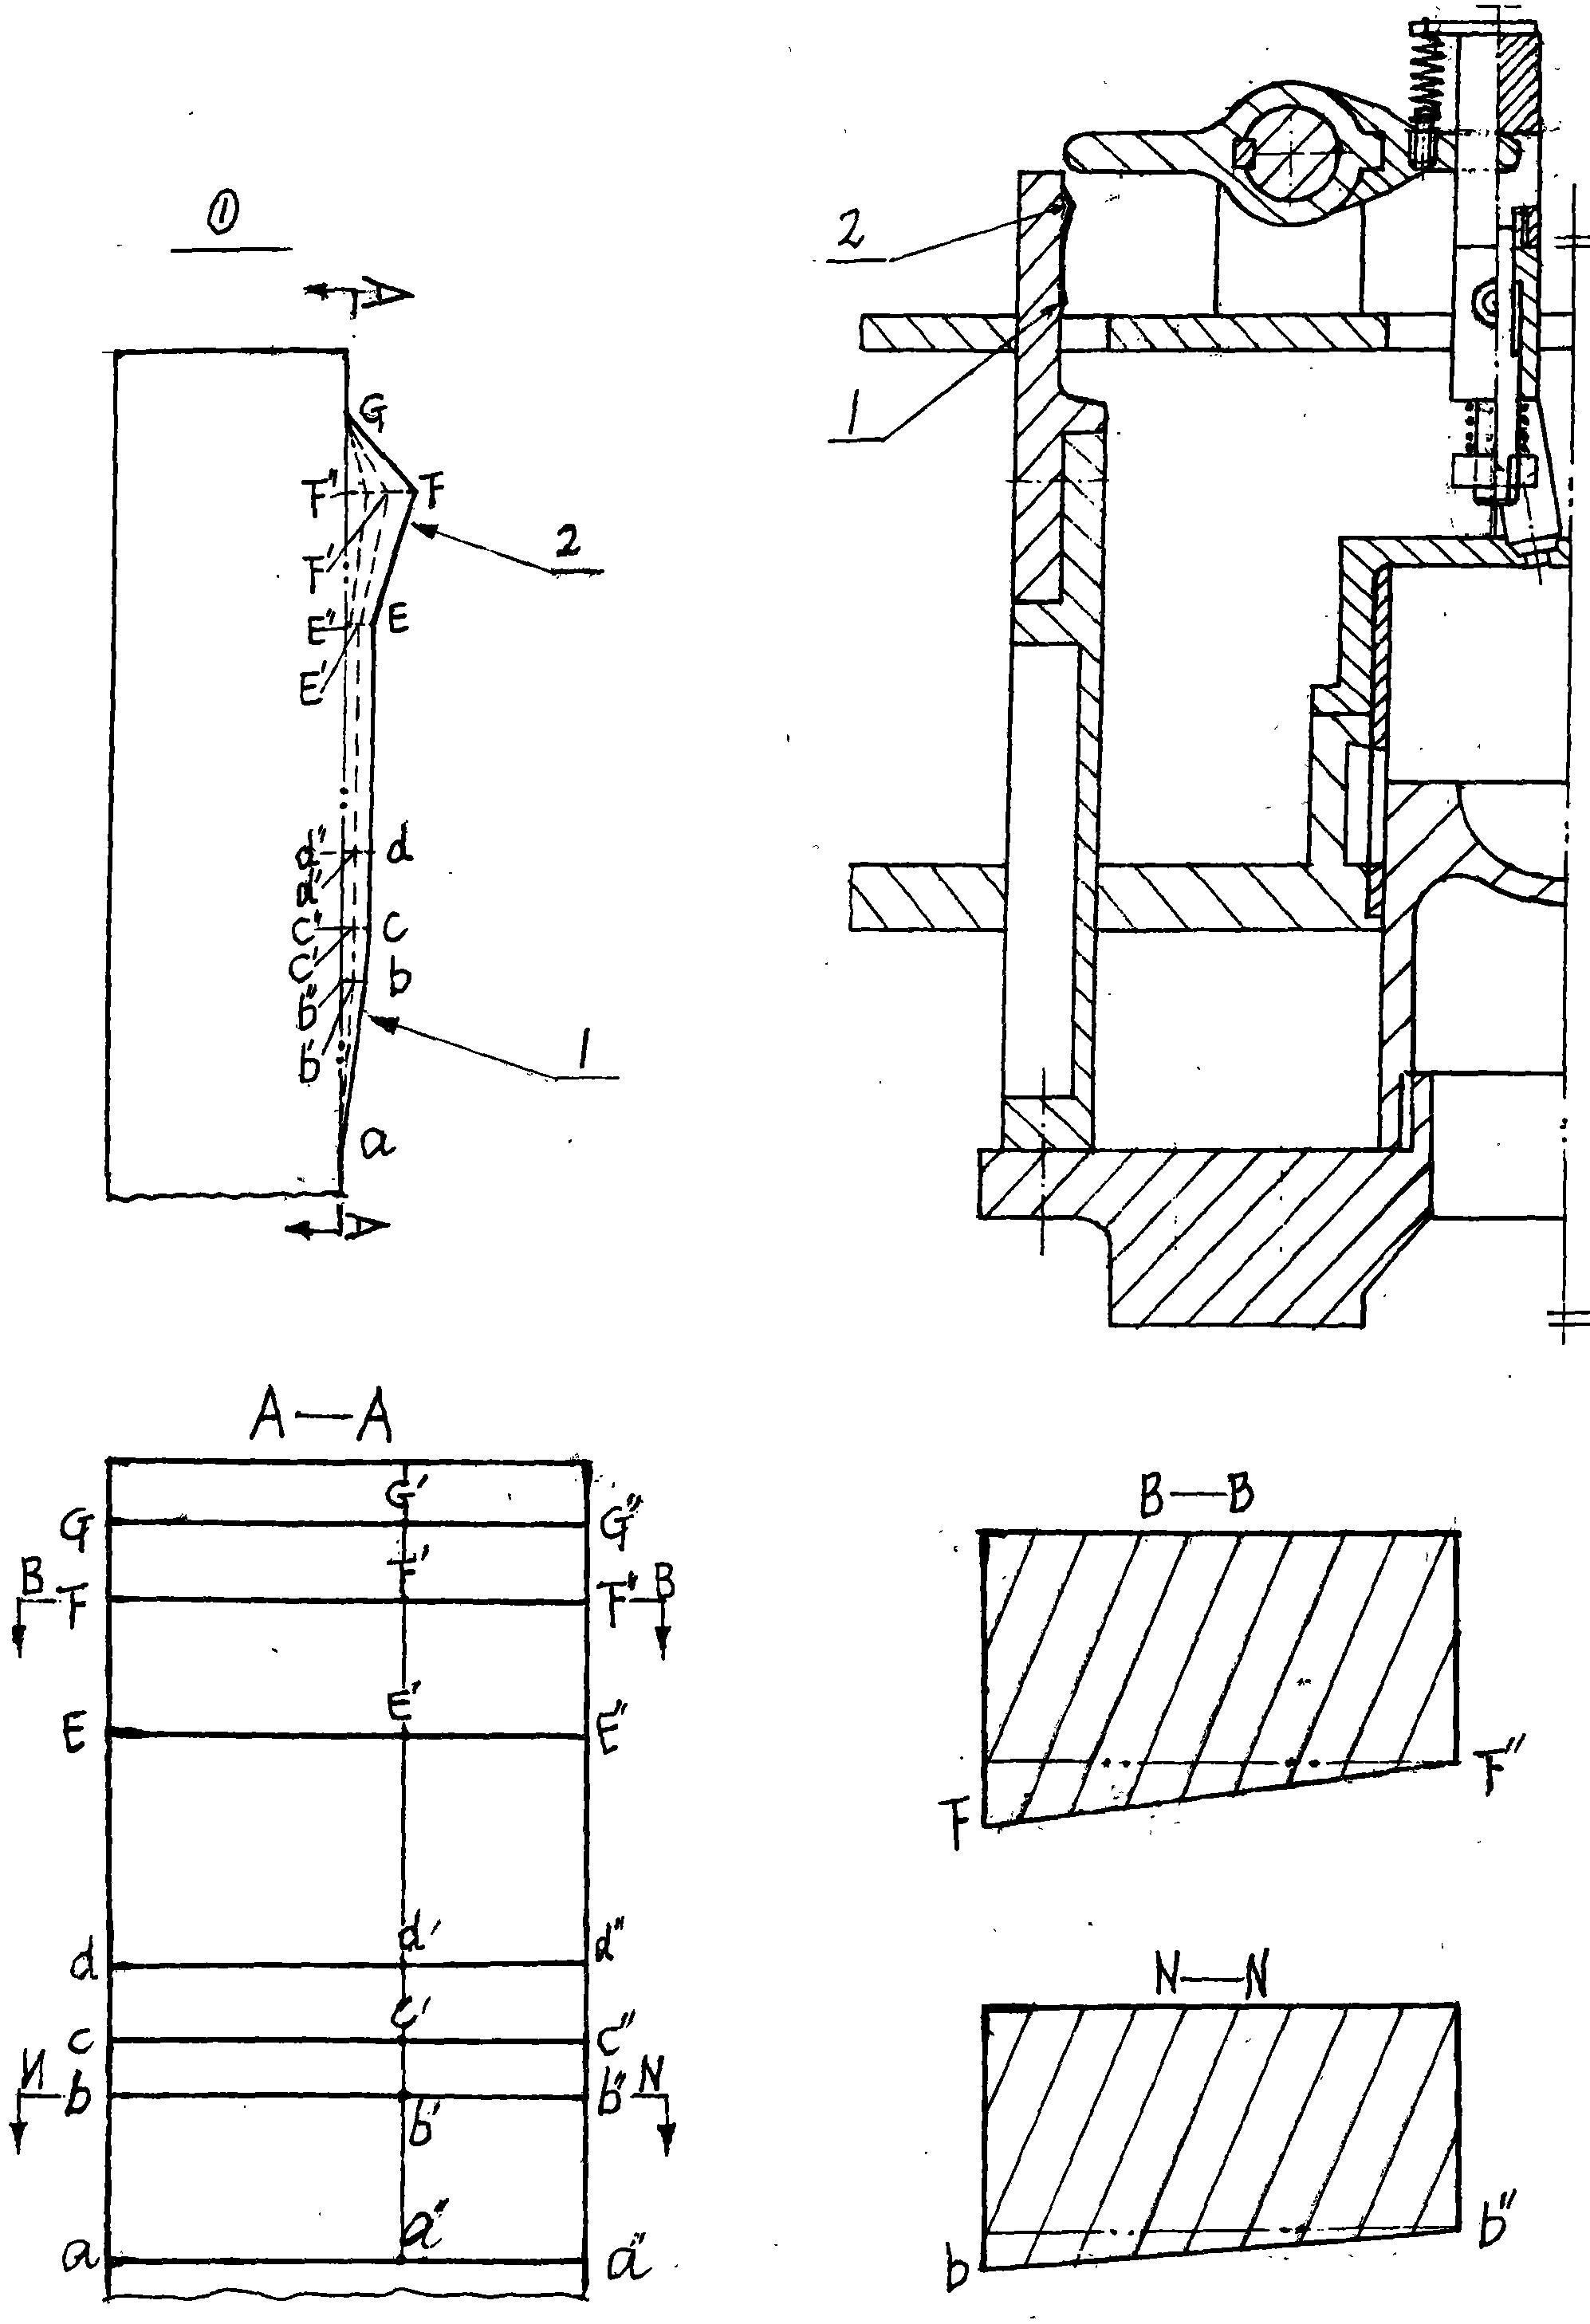 一种活塞往复内燃机的喷水冷却系统